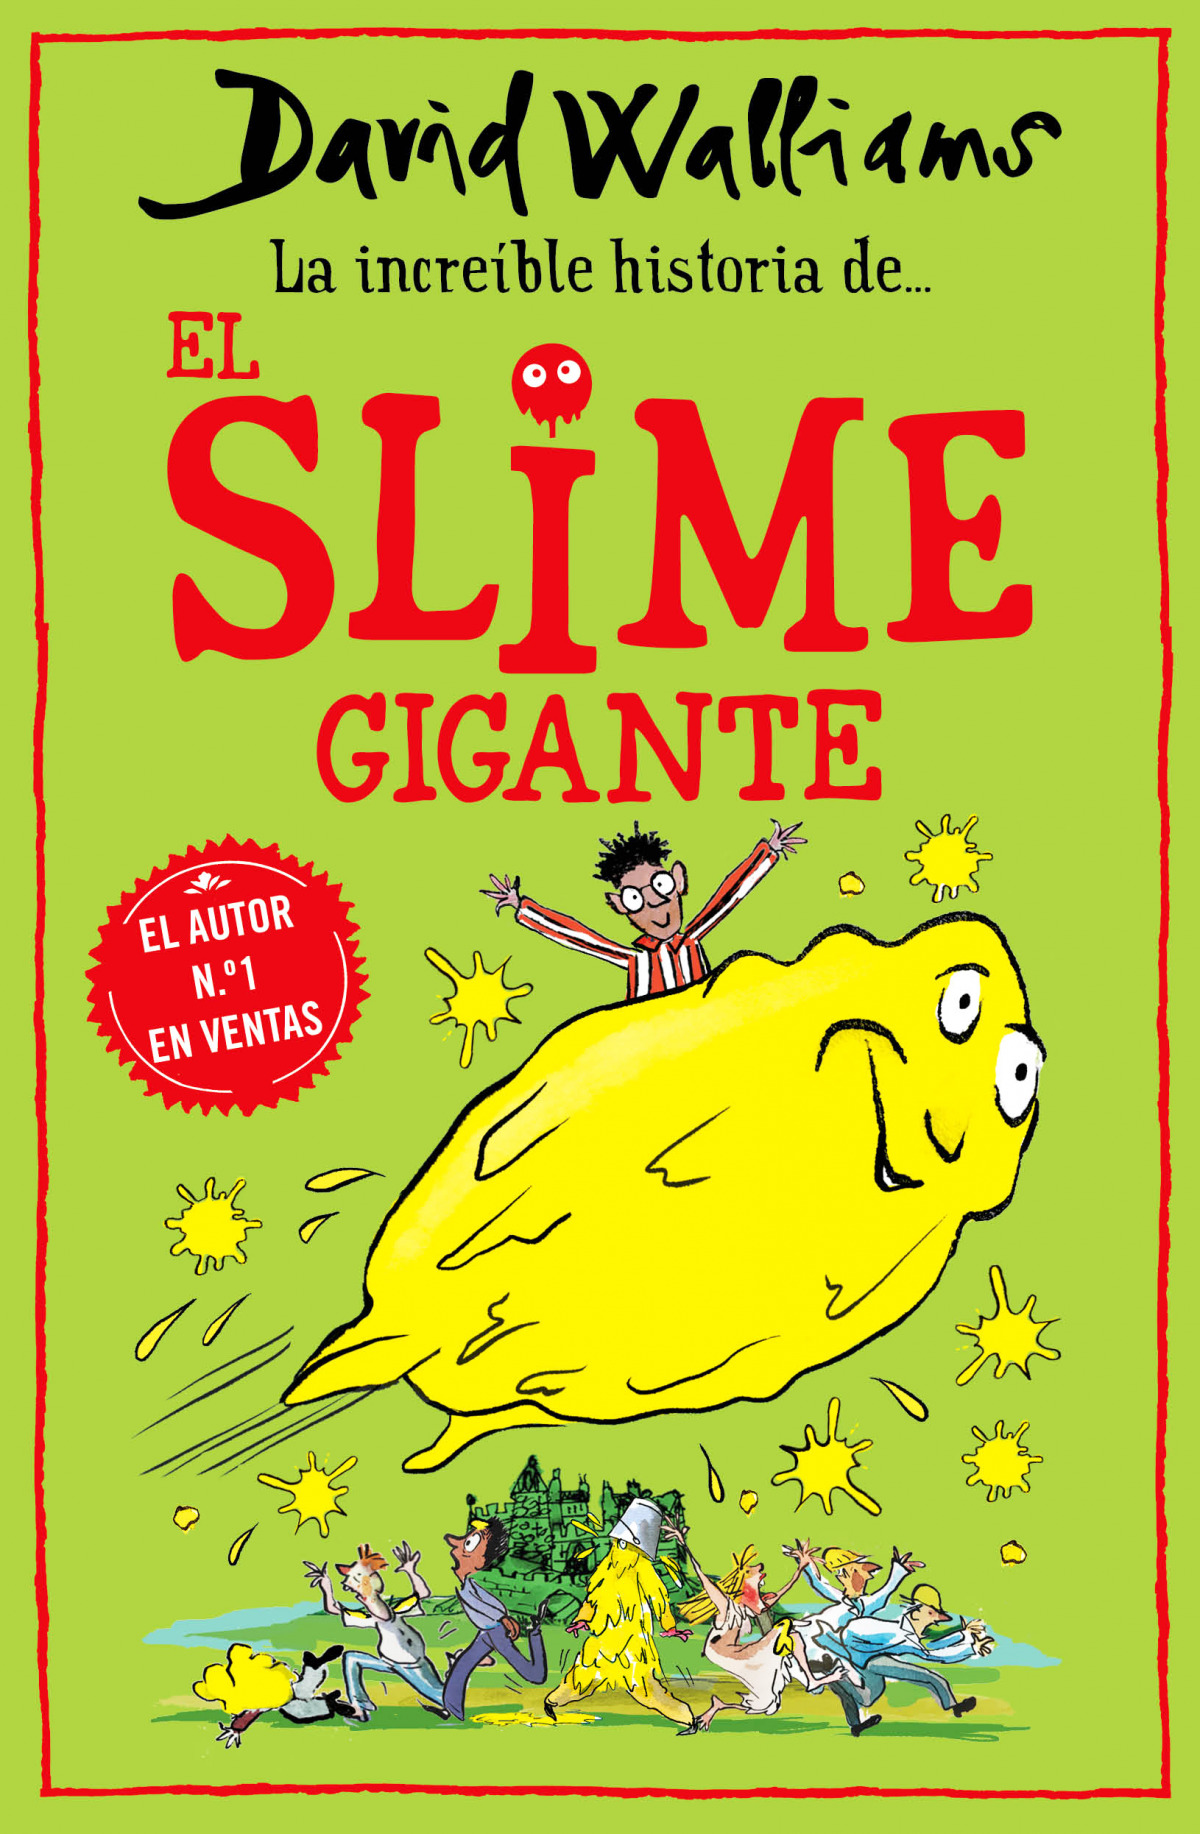 La incre¡ble historia de... El slime gigante 9788418318771